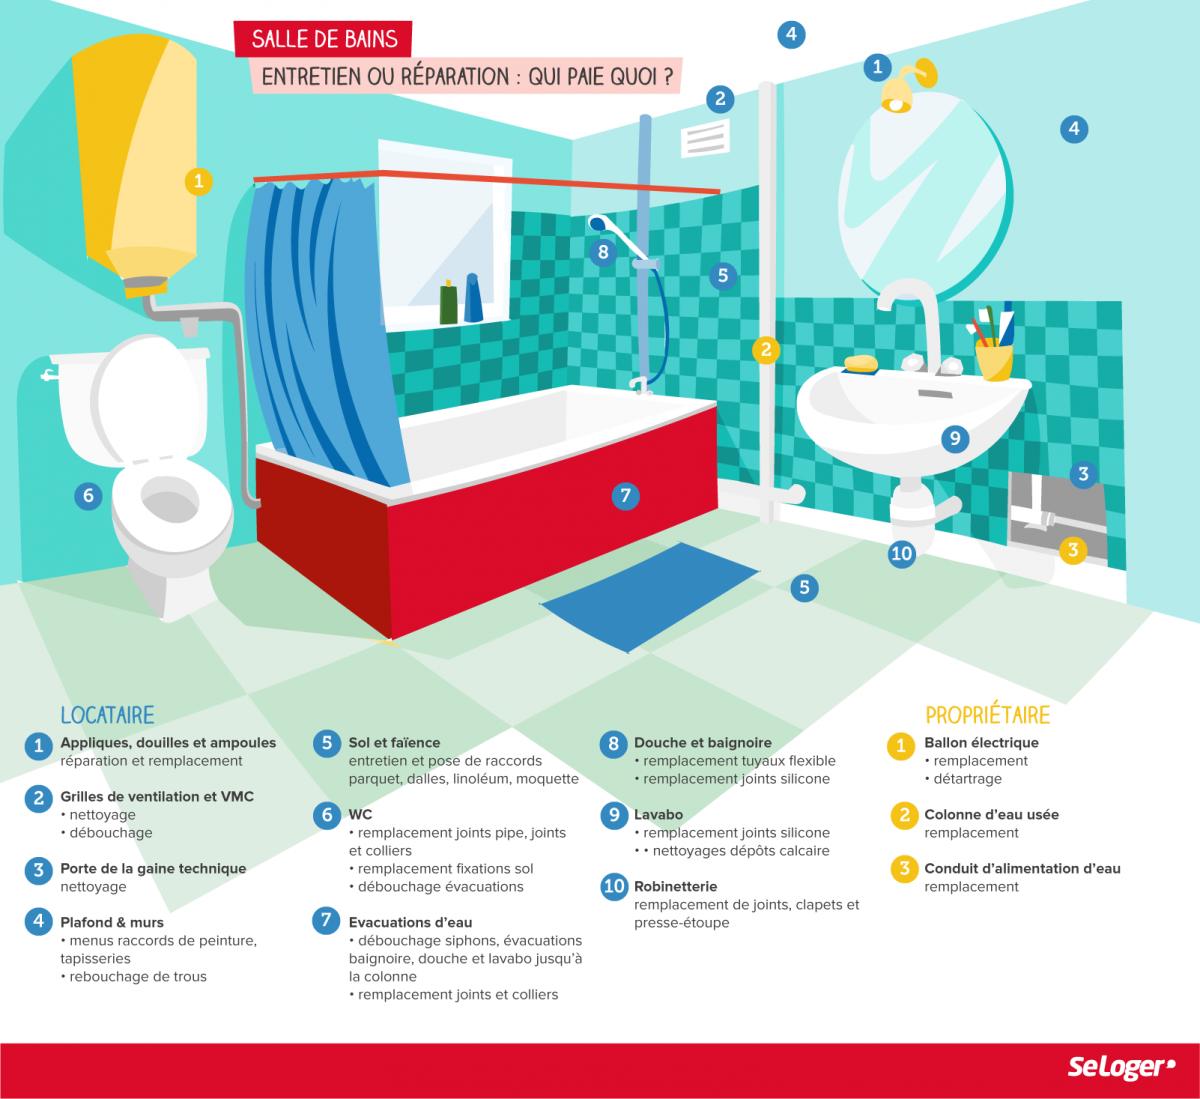 entretien ou r paration de la salle de bains qui paie quoi entre le locataire et le. Black Bedroom Furniture Sets. Home Design Ideas